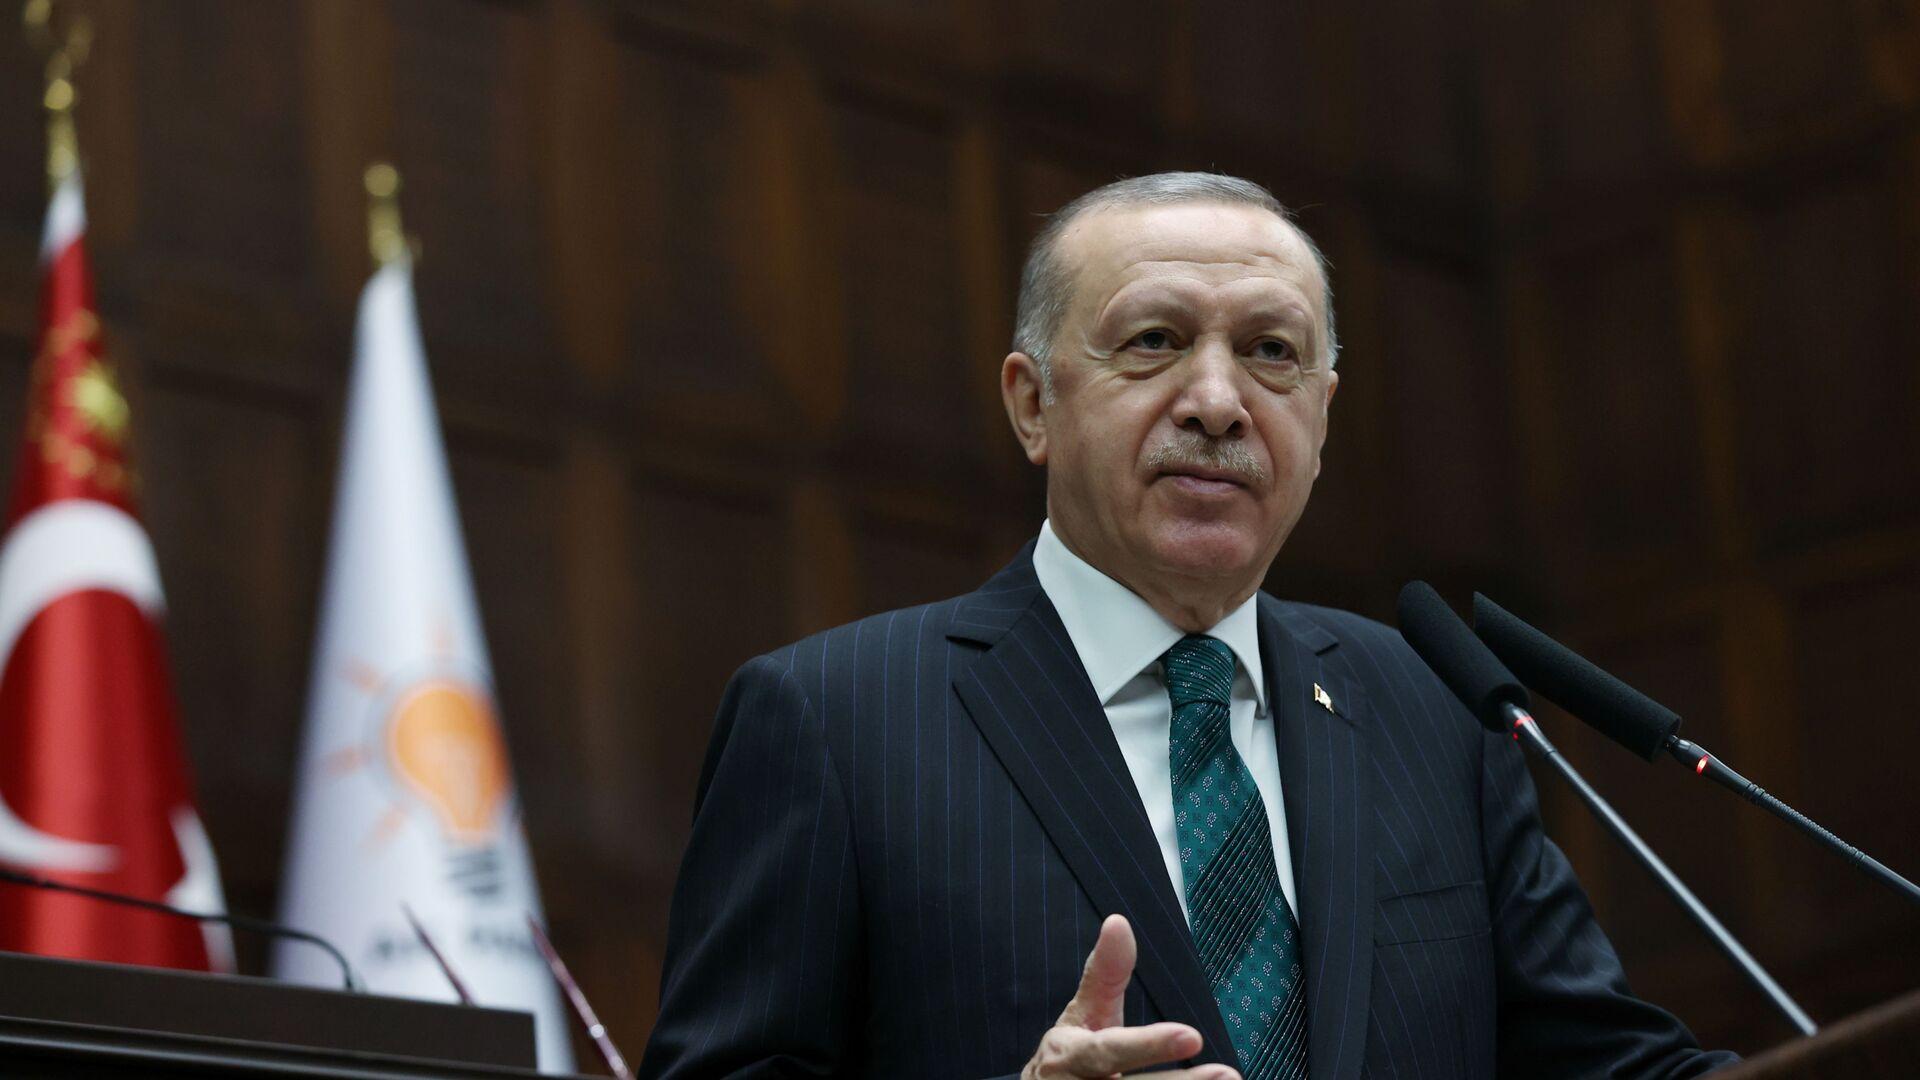 Recep Tayyip Erdogan, presidente de Turquía  - Sputnik Mundo, 1920, 18.08.2021